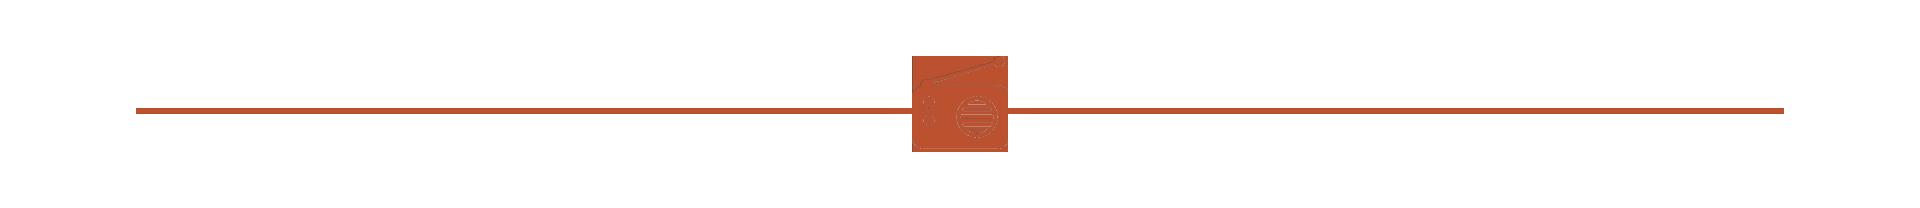 radio-barra-espacio